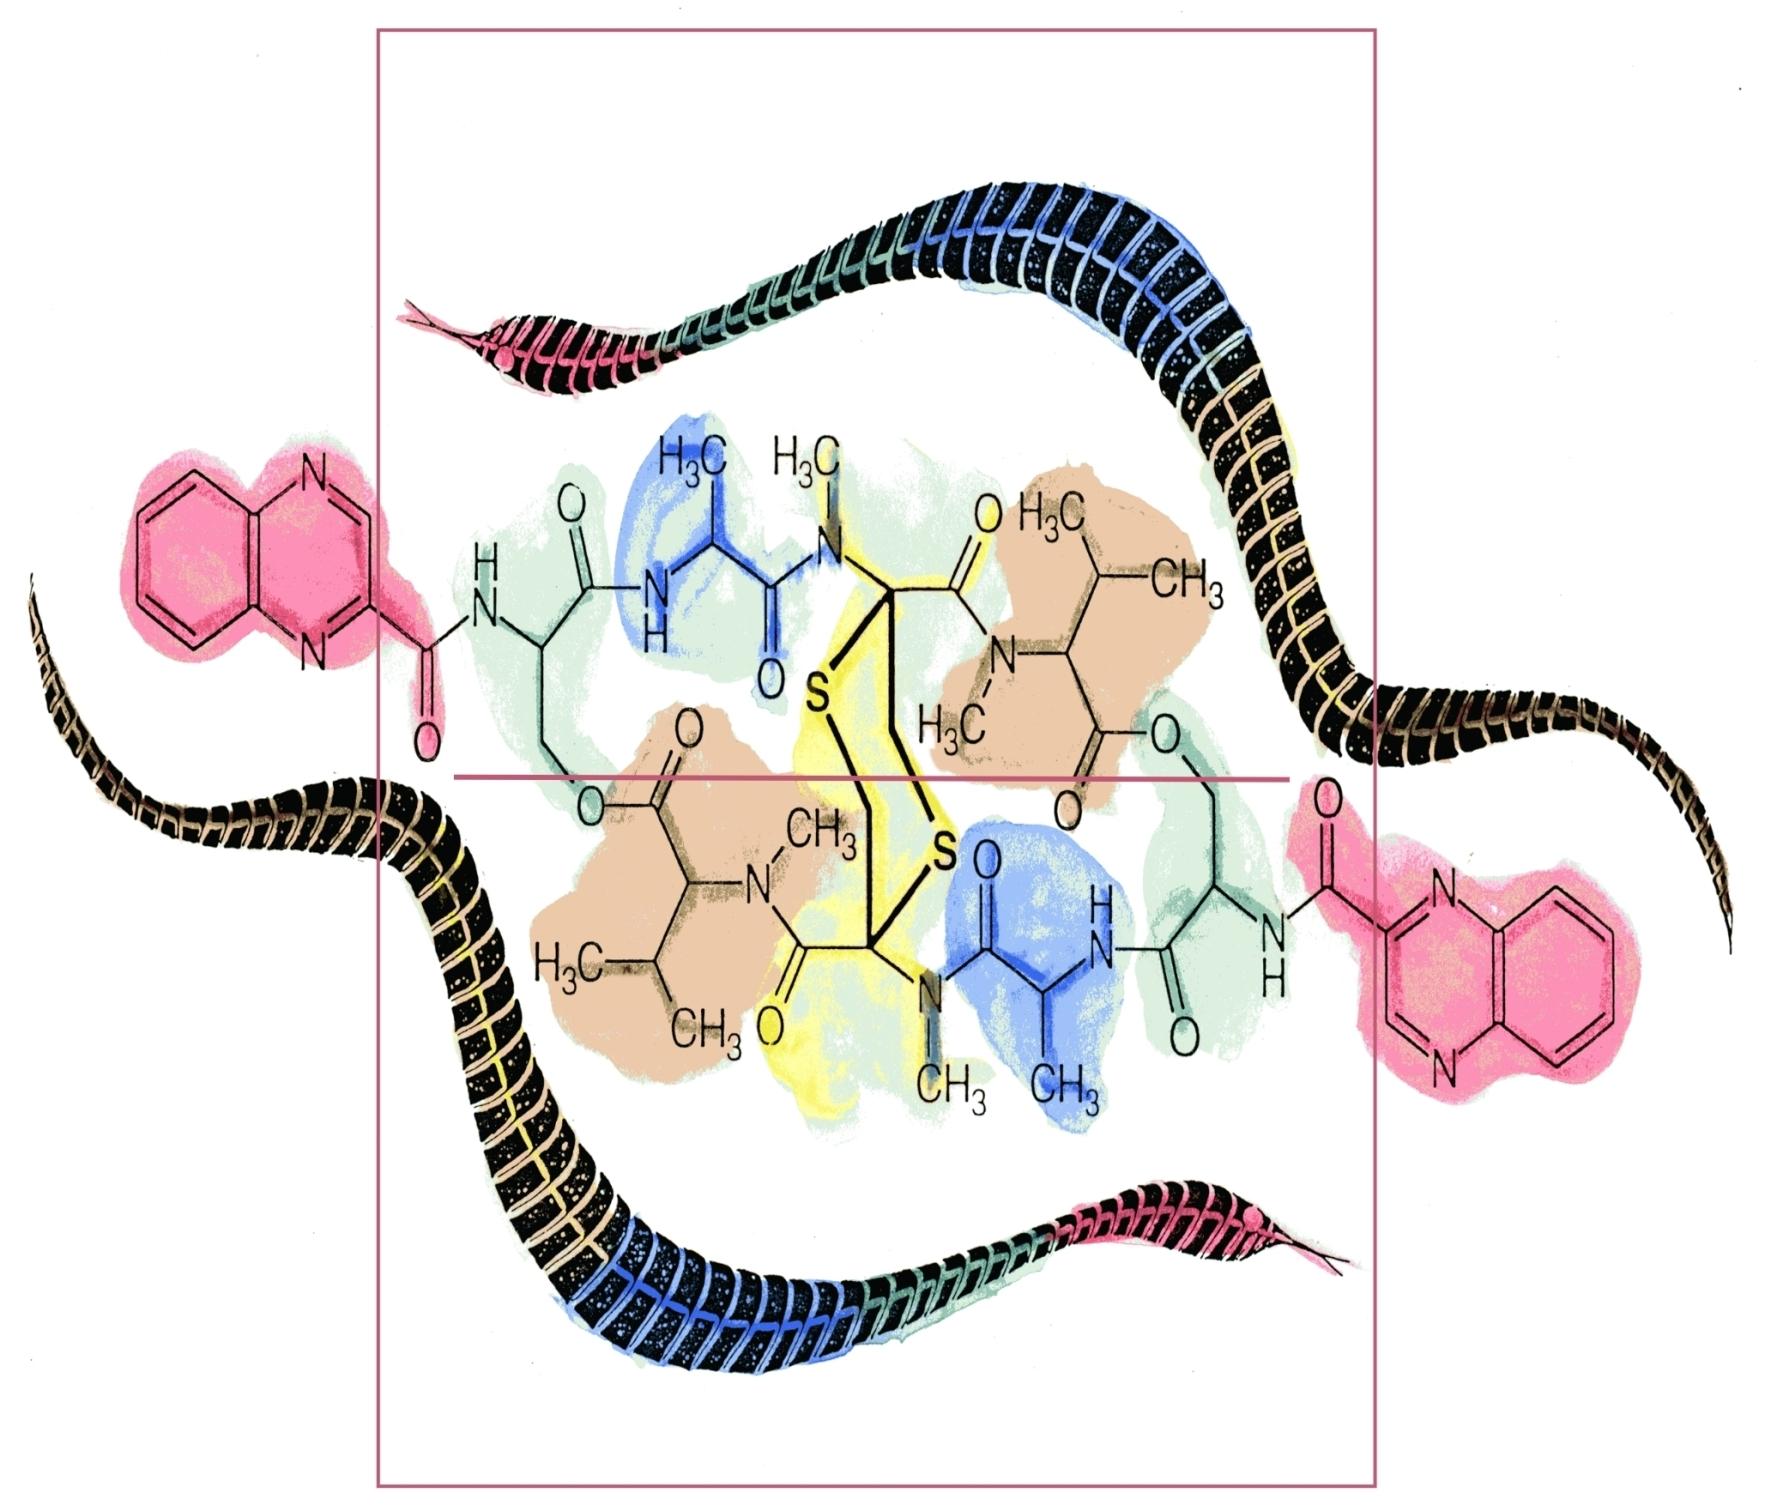 Echinomycin